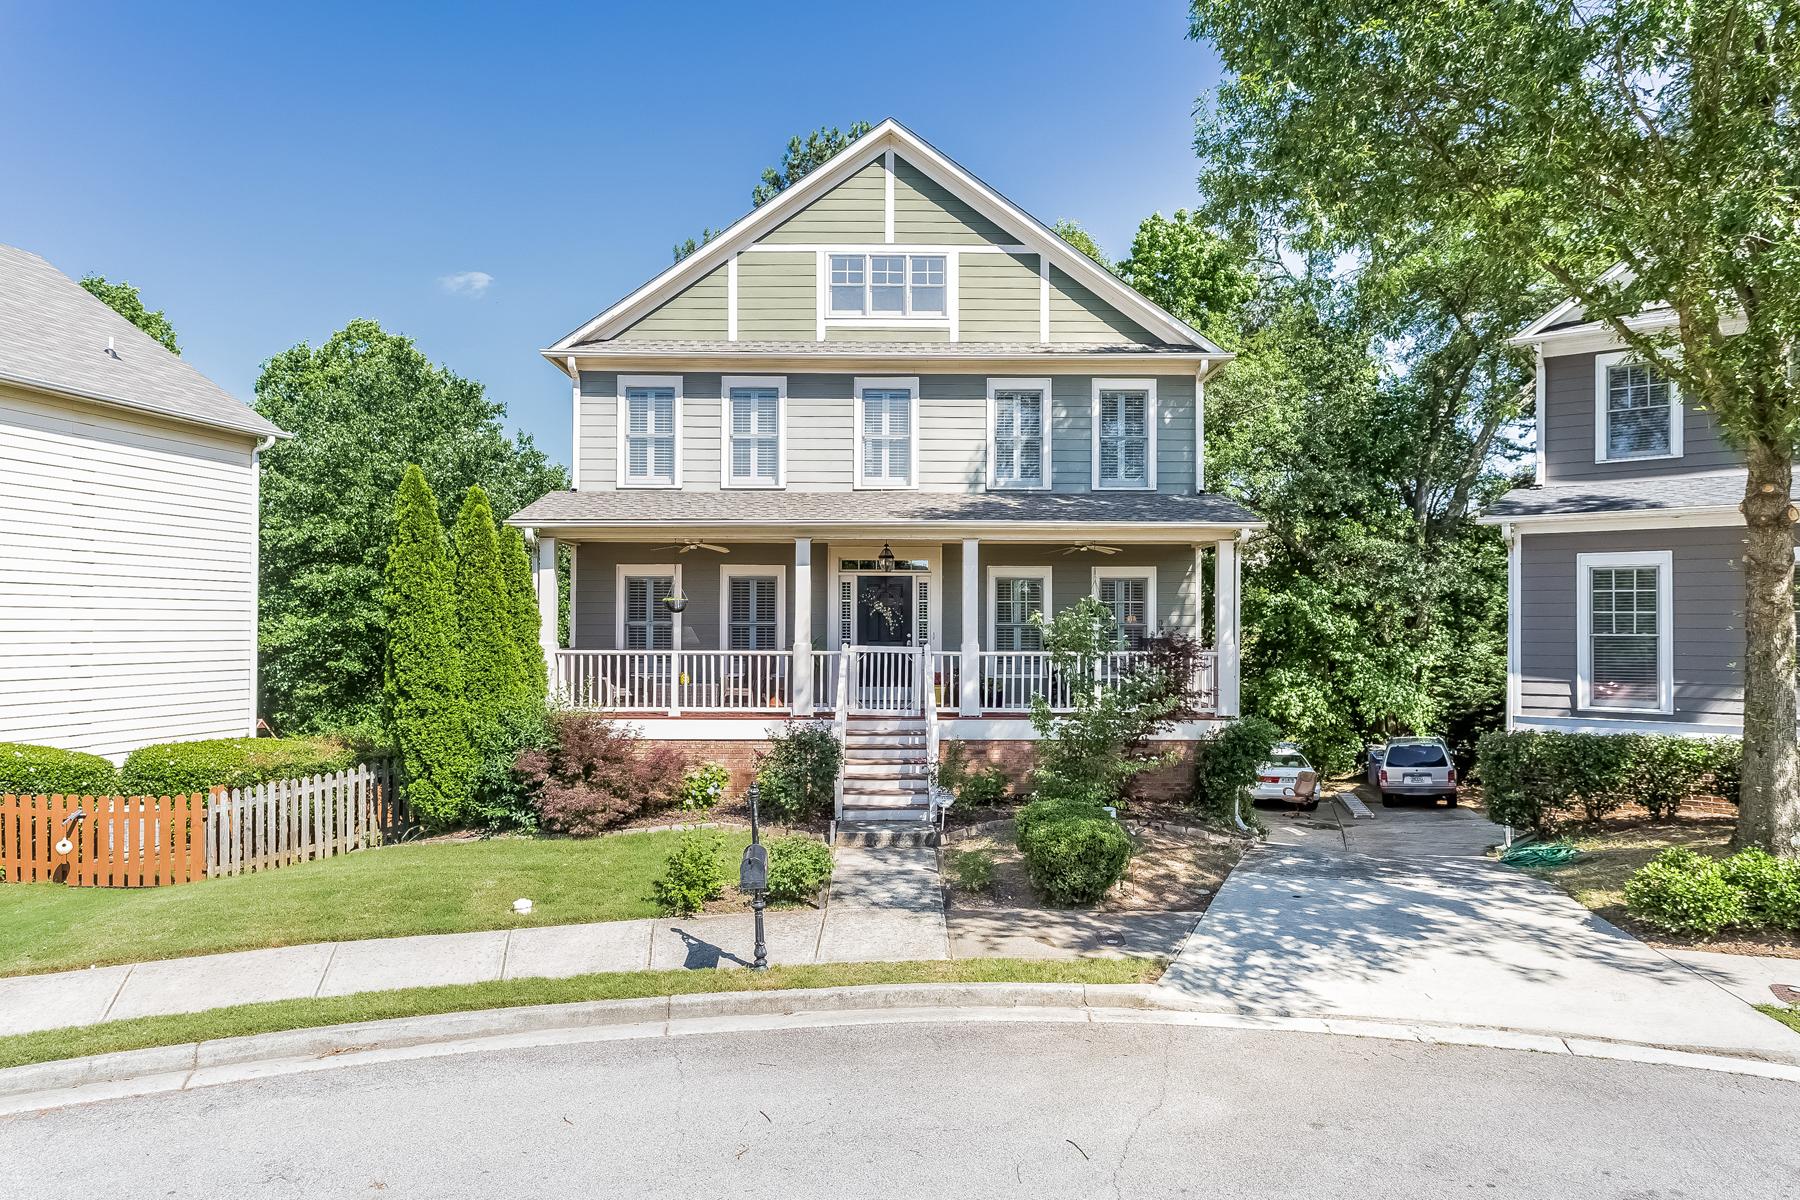 独户住宅 为 销售 在 Charming Adams Crossing Colonial 2072 Adams Overlook NW 亚特兰大, 乔治亚州, 30318 美国